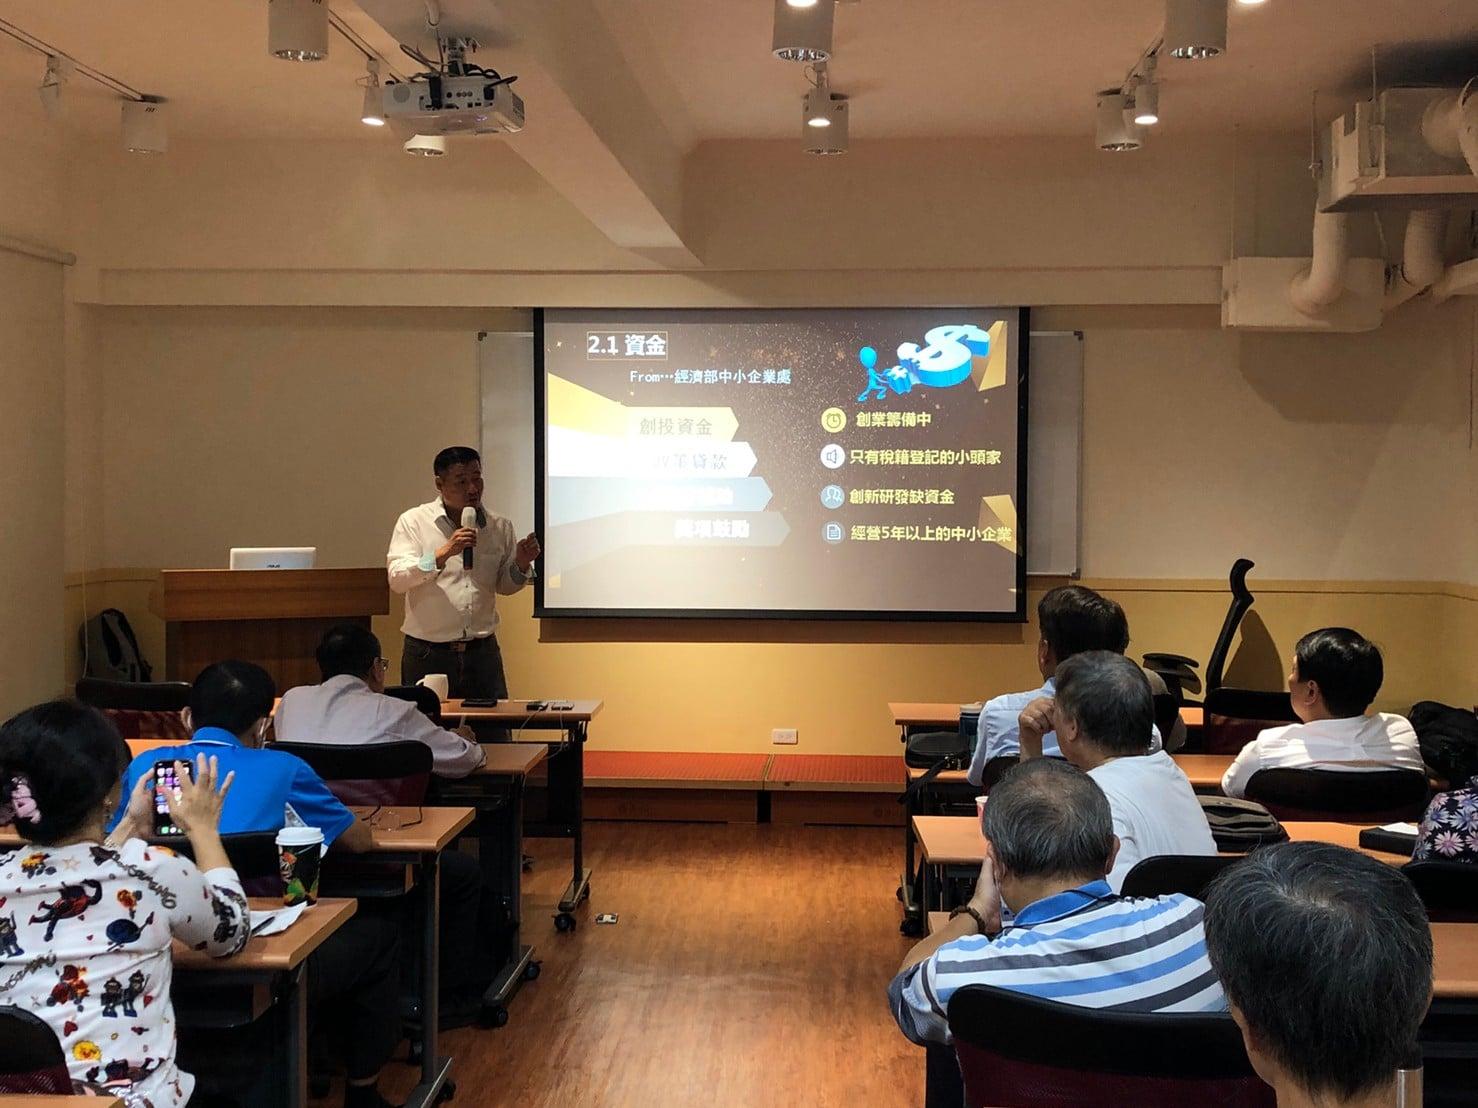 執行長獲邀參加財團法人地球科學教育研究院九月公益演講活動